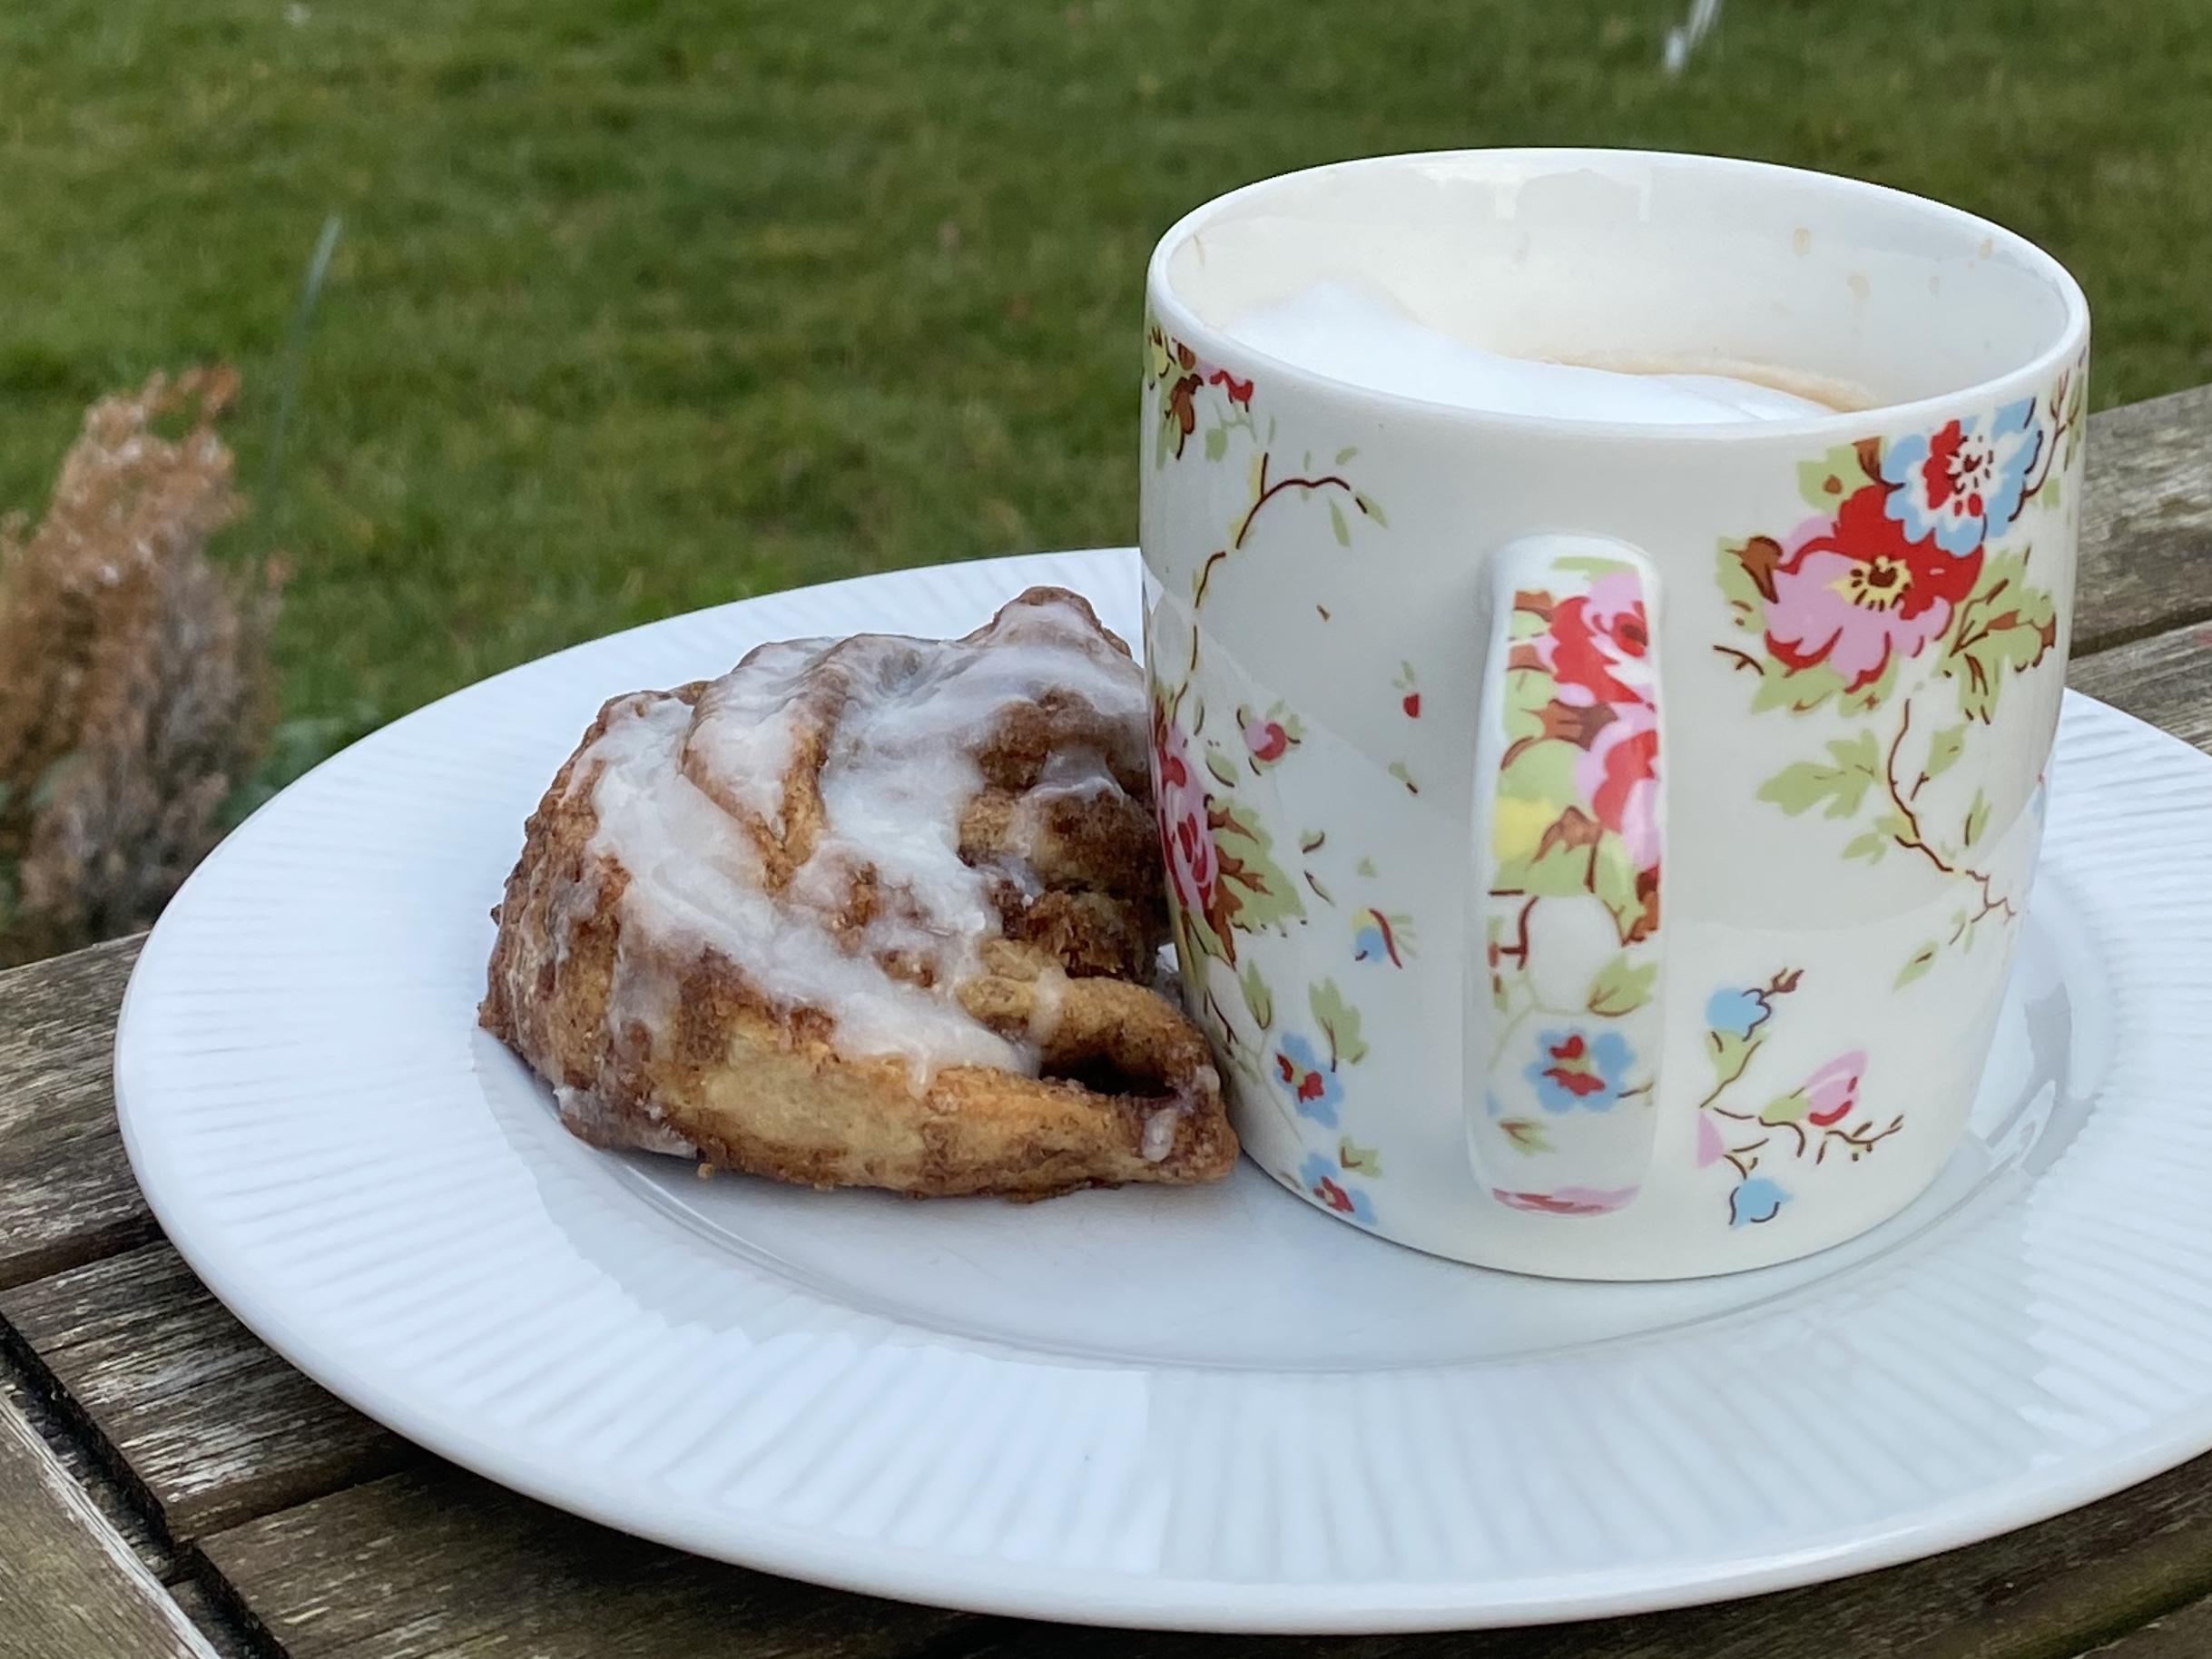 A coffee and cinnamon bun for a self care break